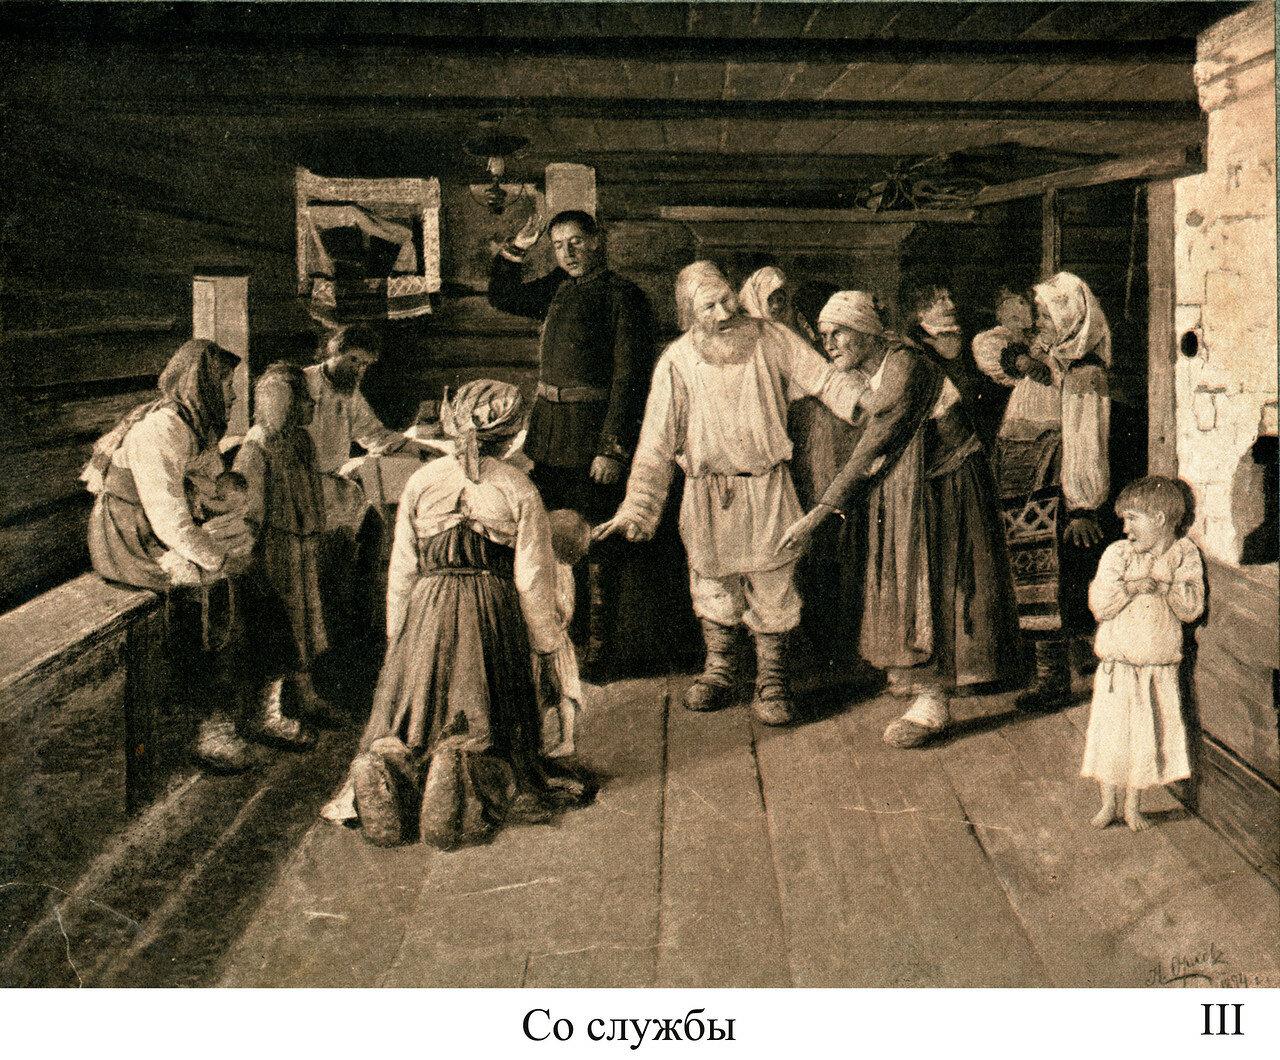 Внук старуху русские